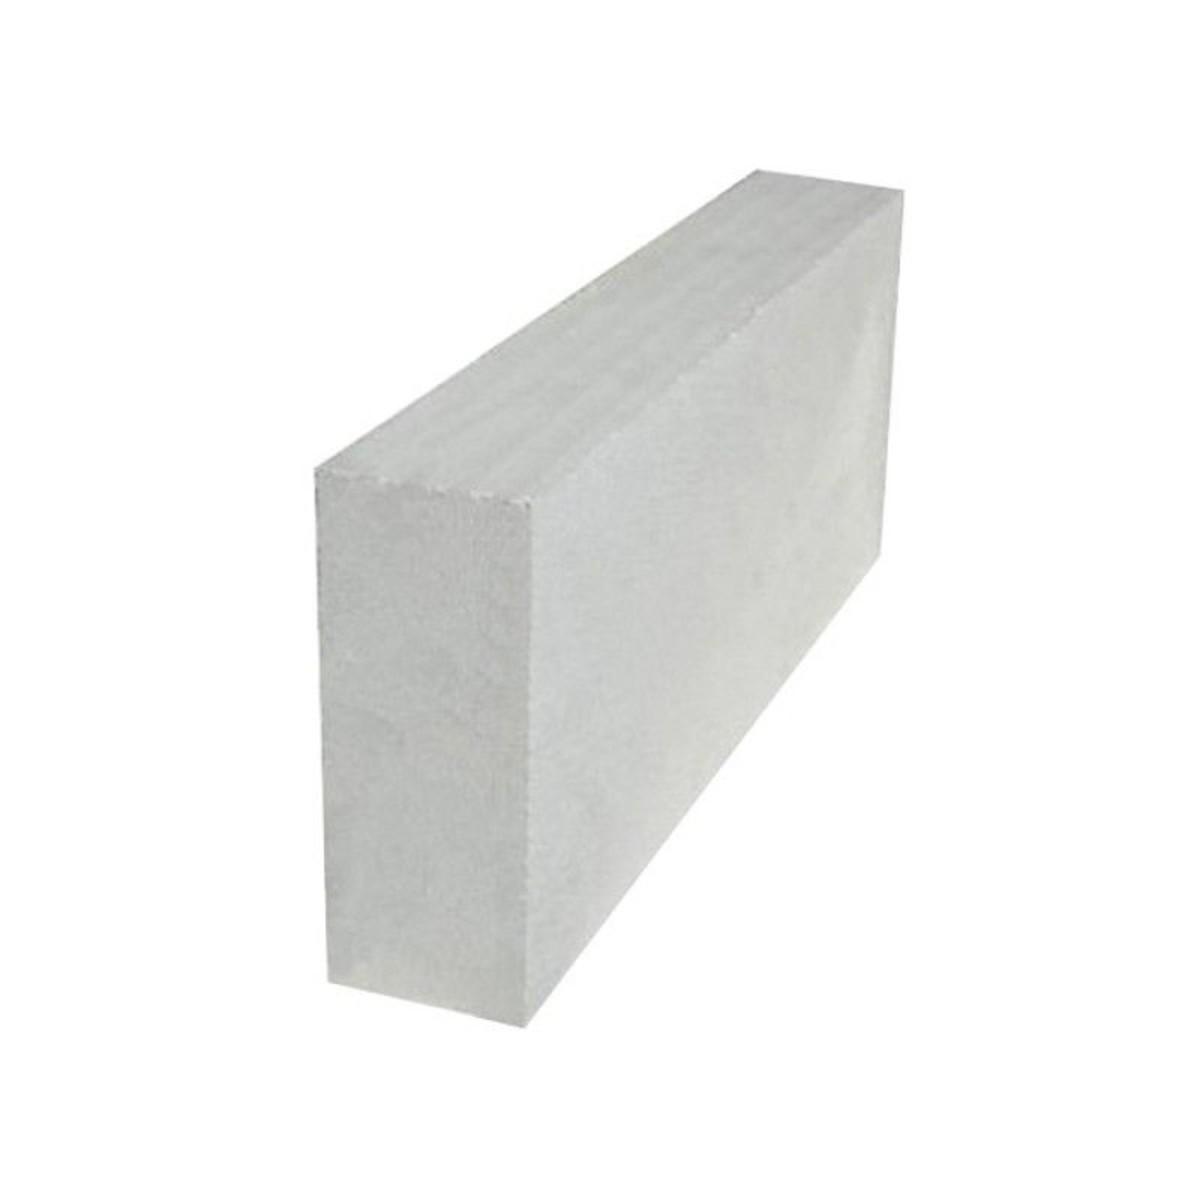 Блок газобетон D500 625х250х100 мм Новоблок